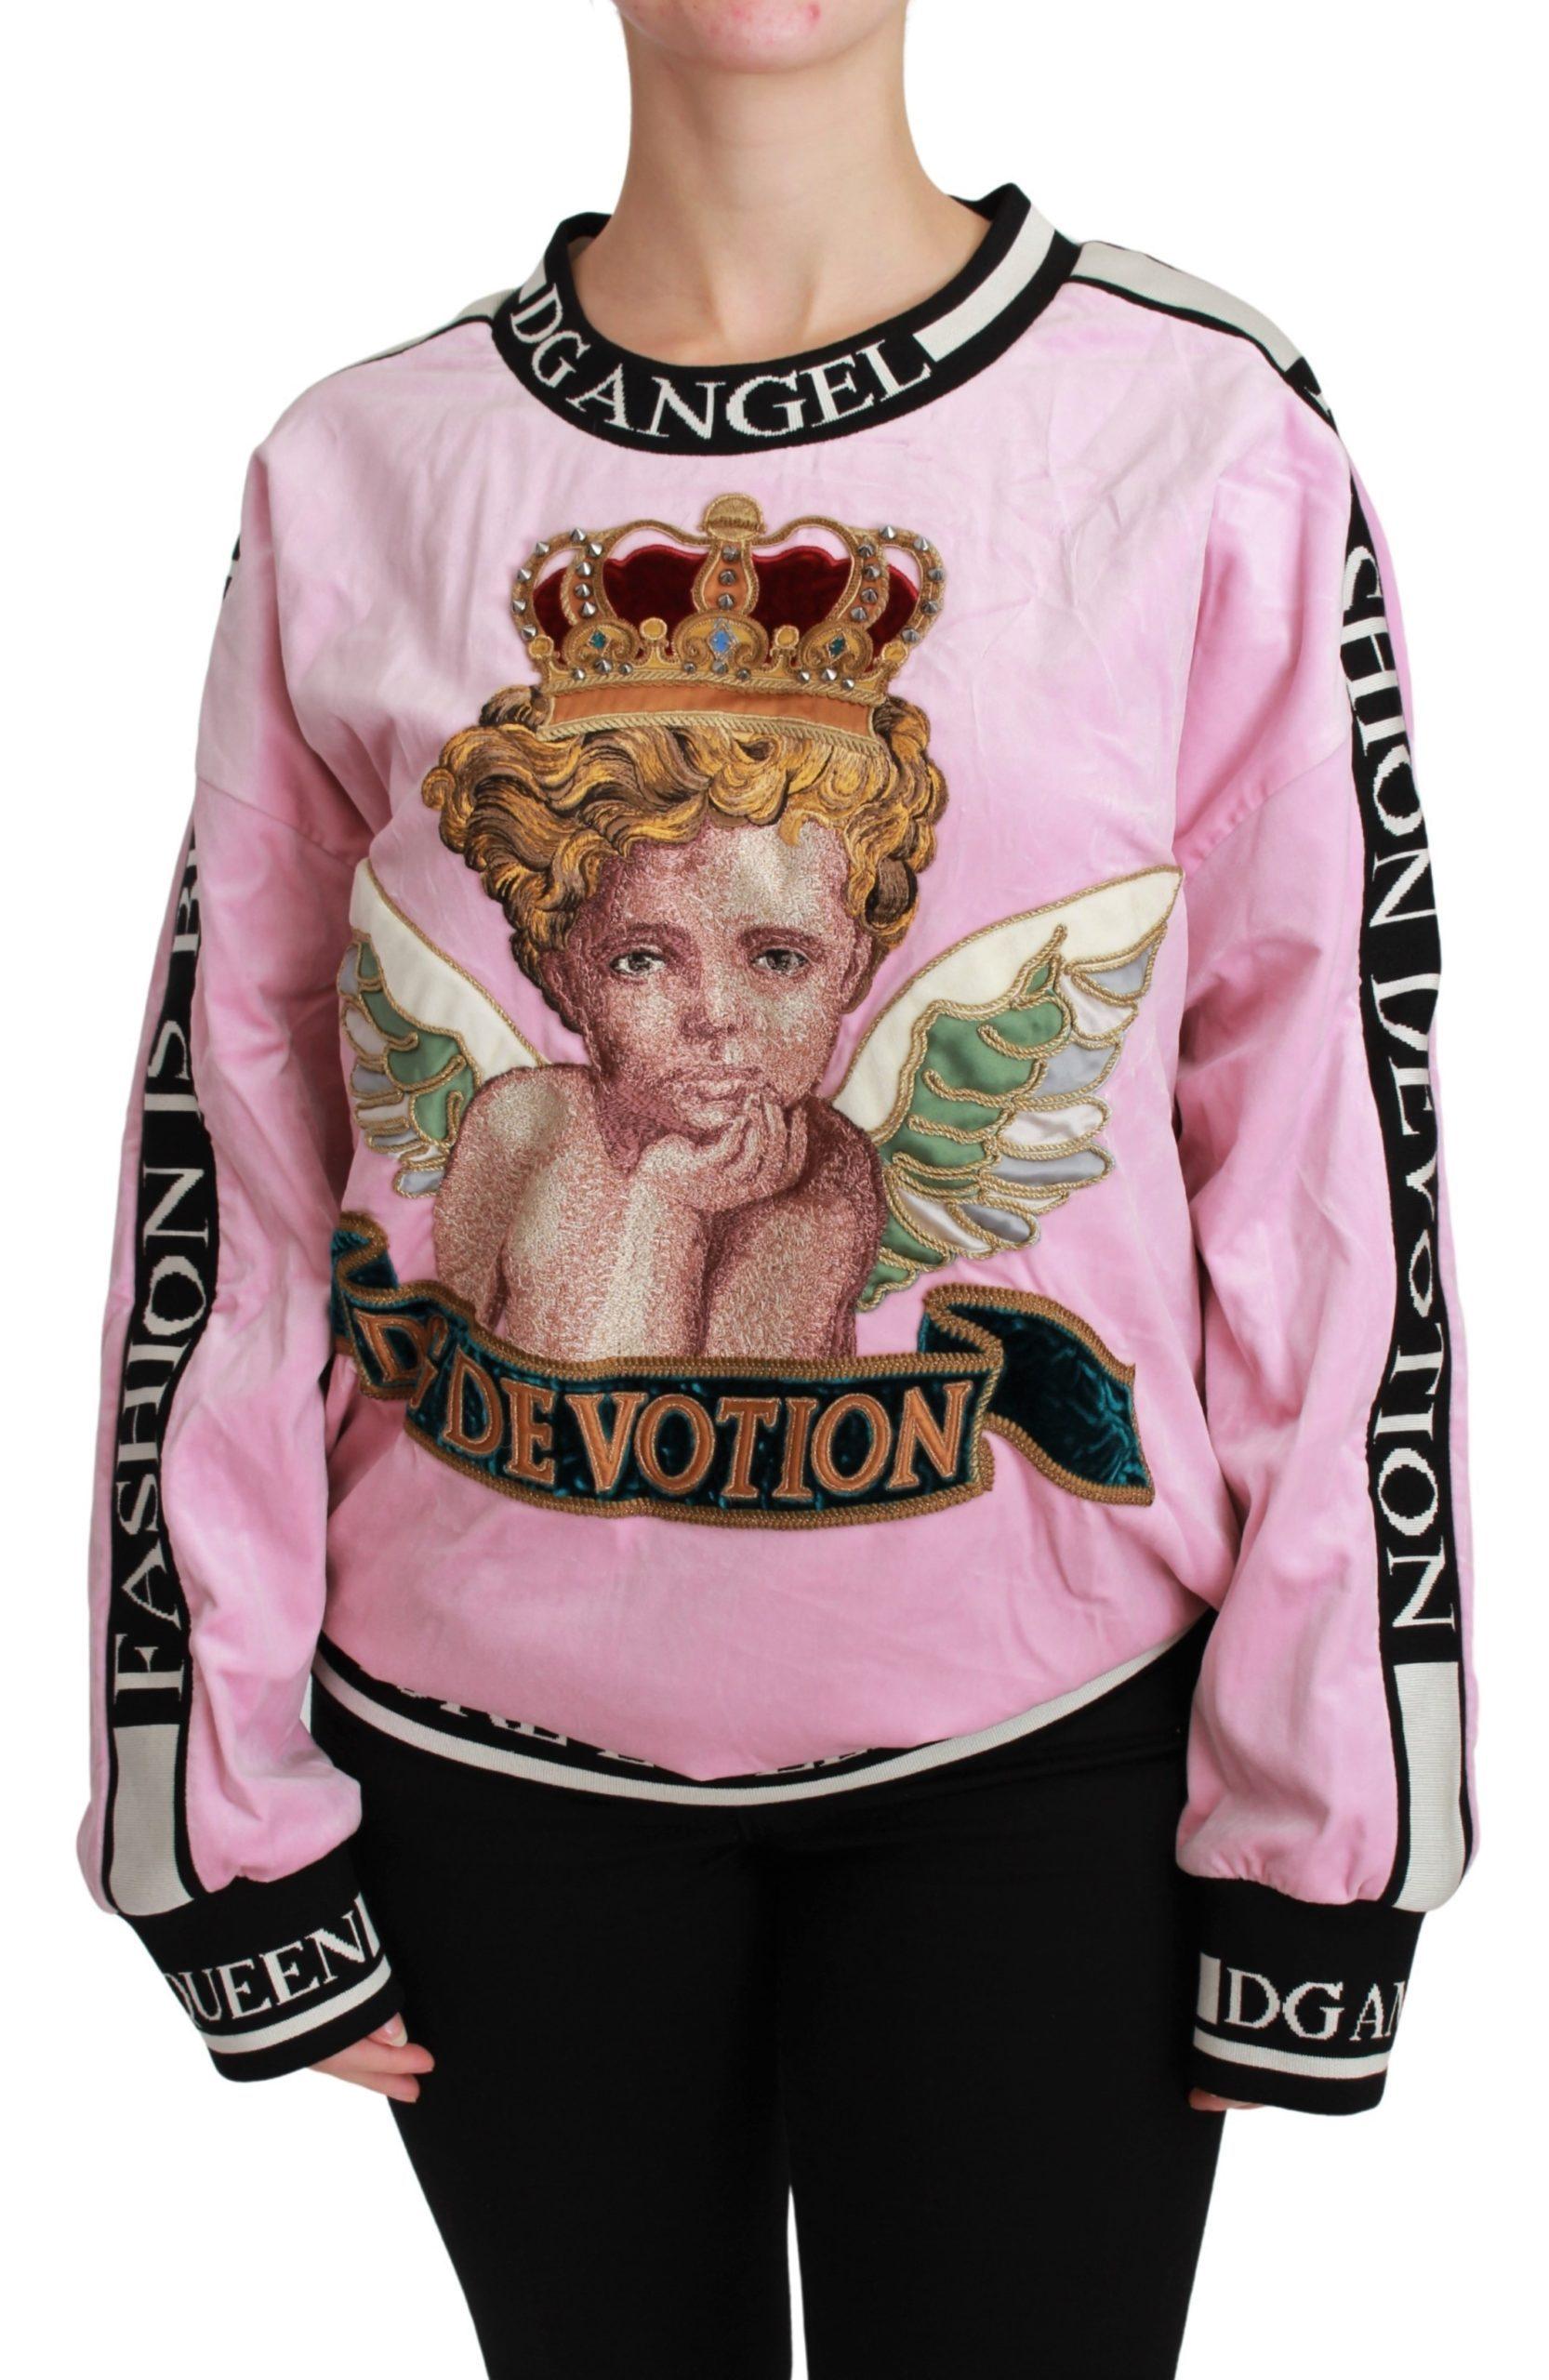 Dolce & Gabbana Women's Angel DG Devotion Velvet Sweater Pink TSH4625 - IT36   XS